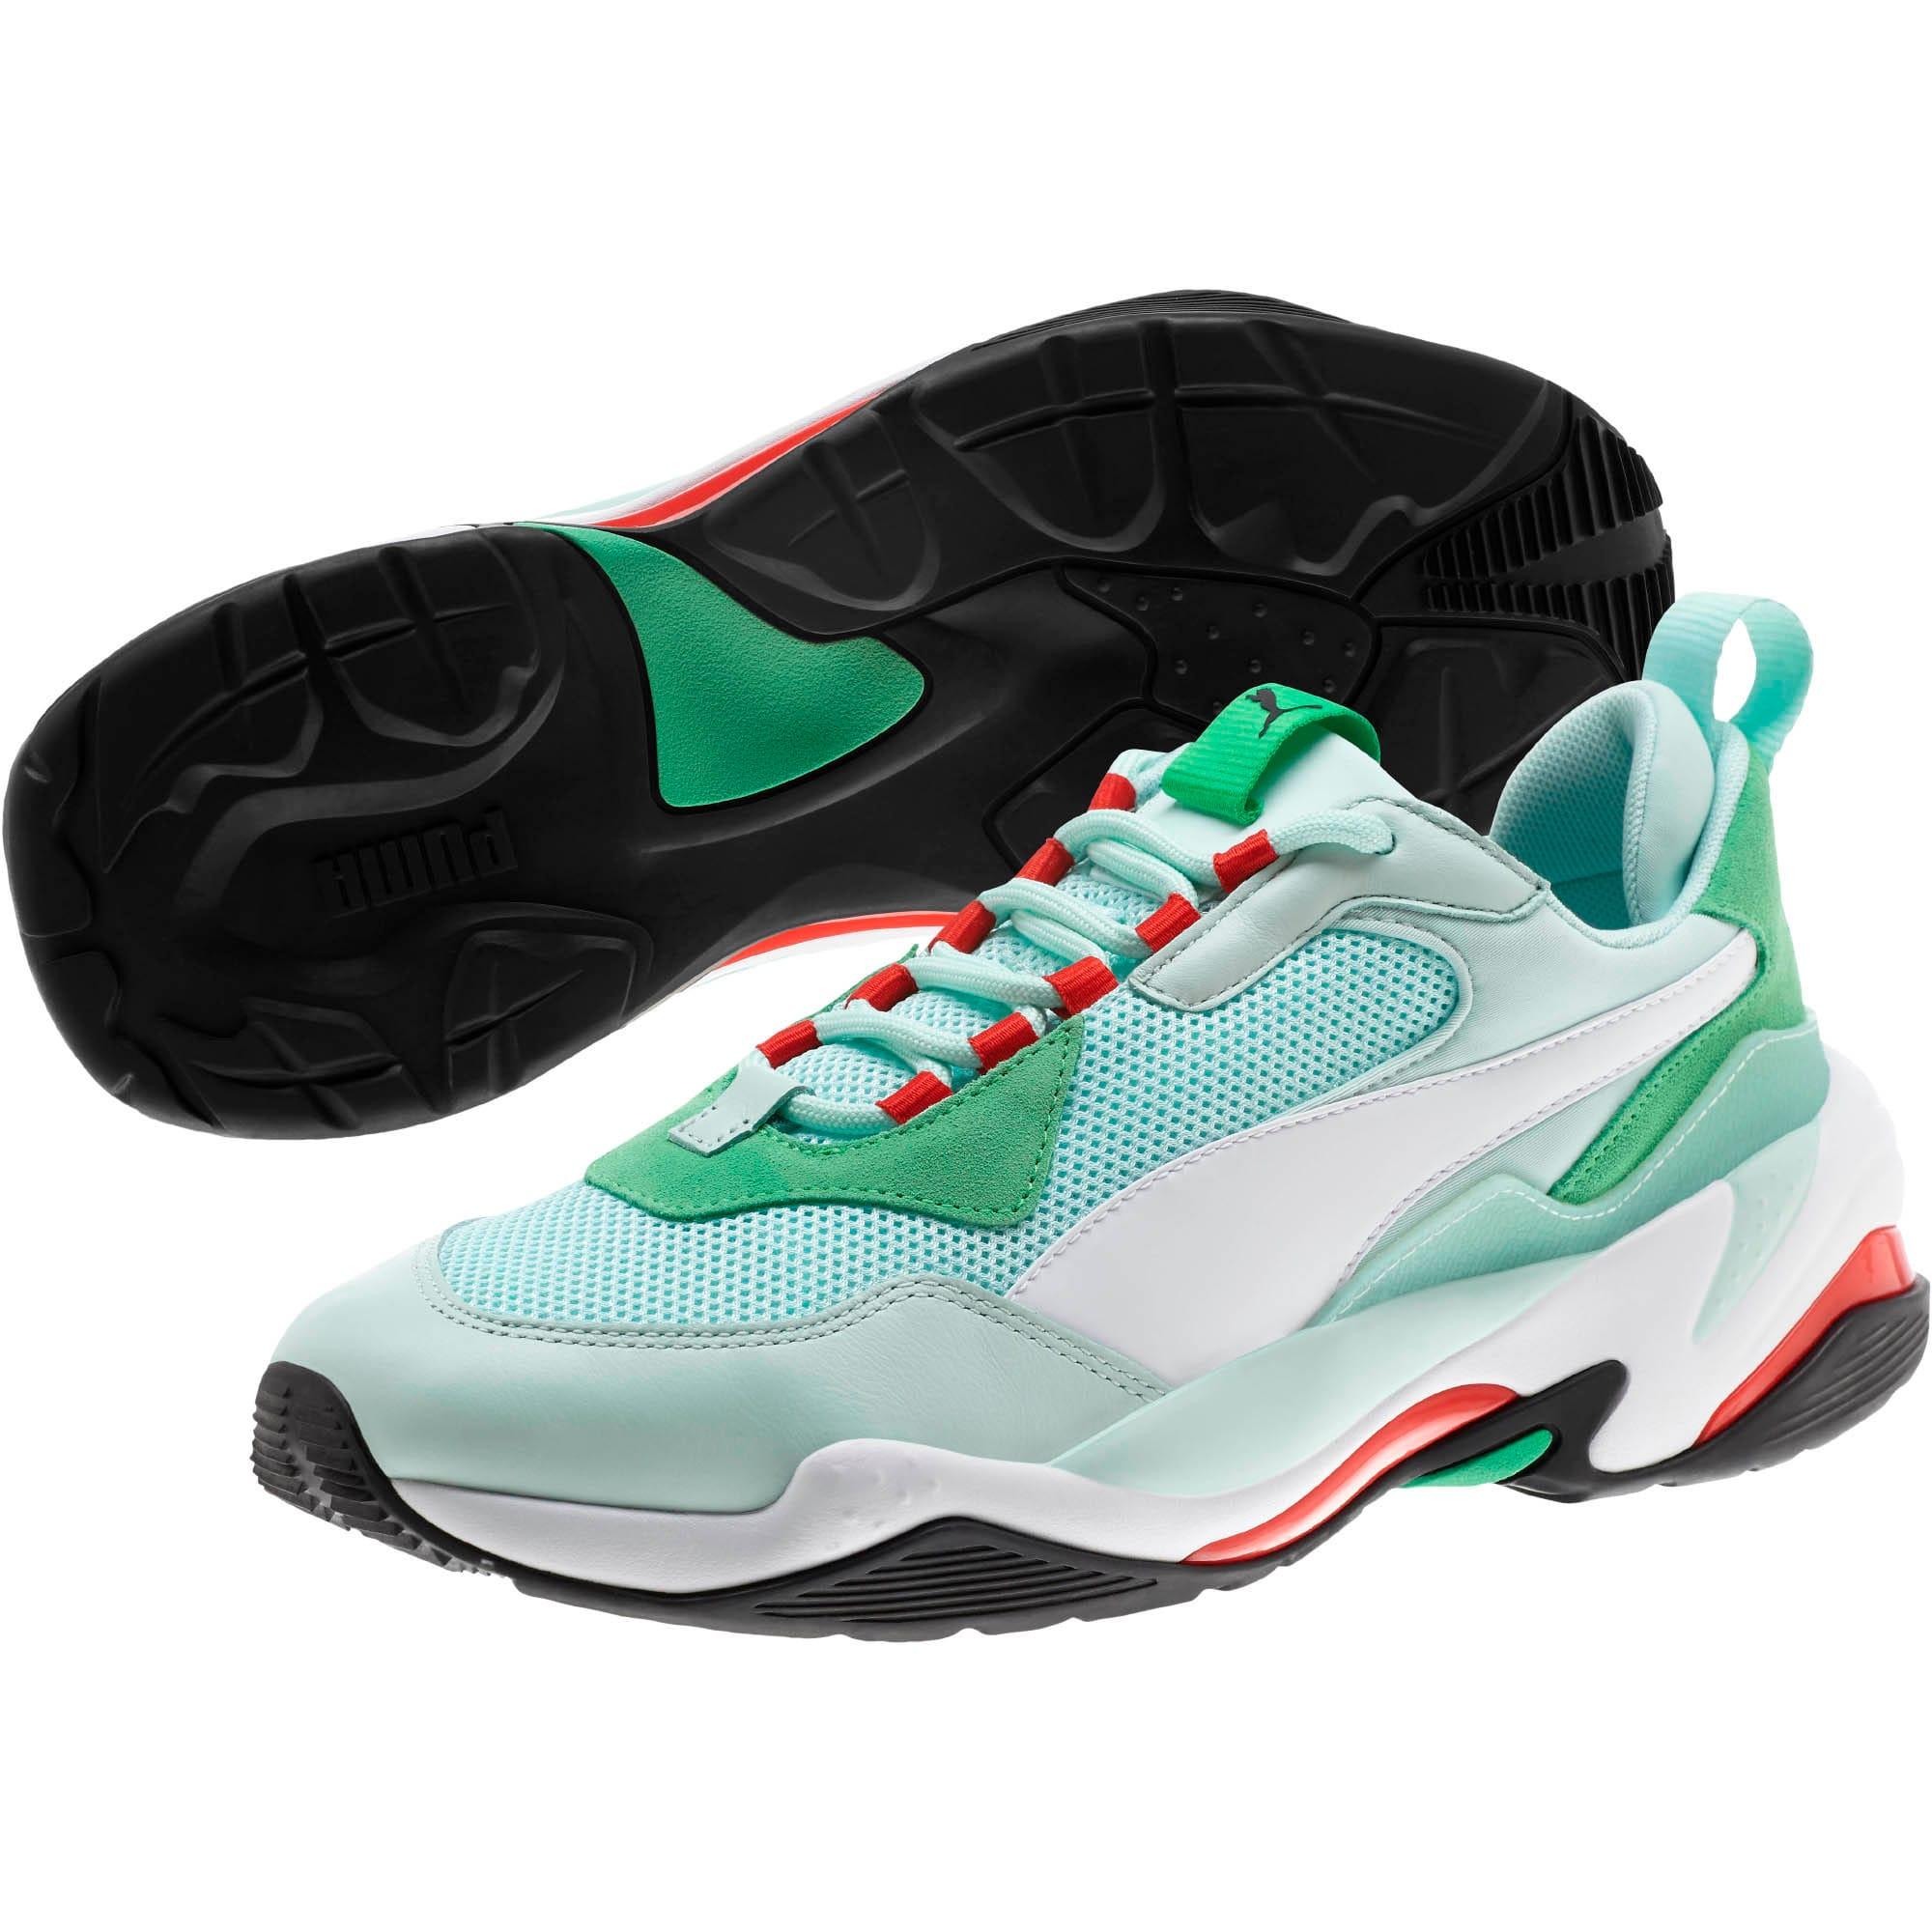 Thumbnail 2 of Thunder Spectra Sneakers, Fair Aqua-Irish Green, medium